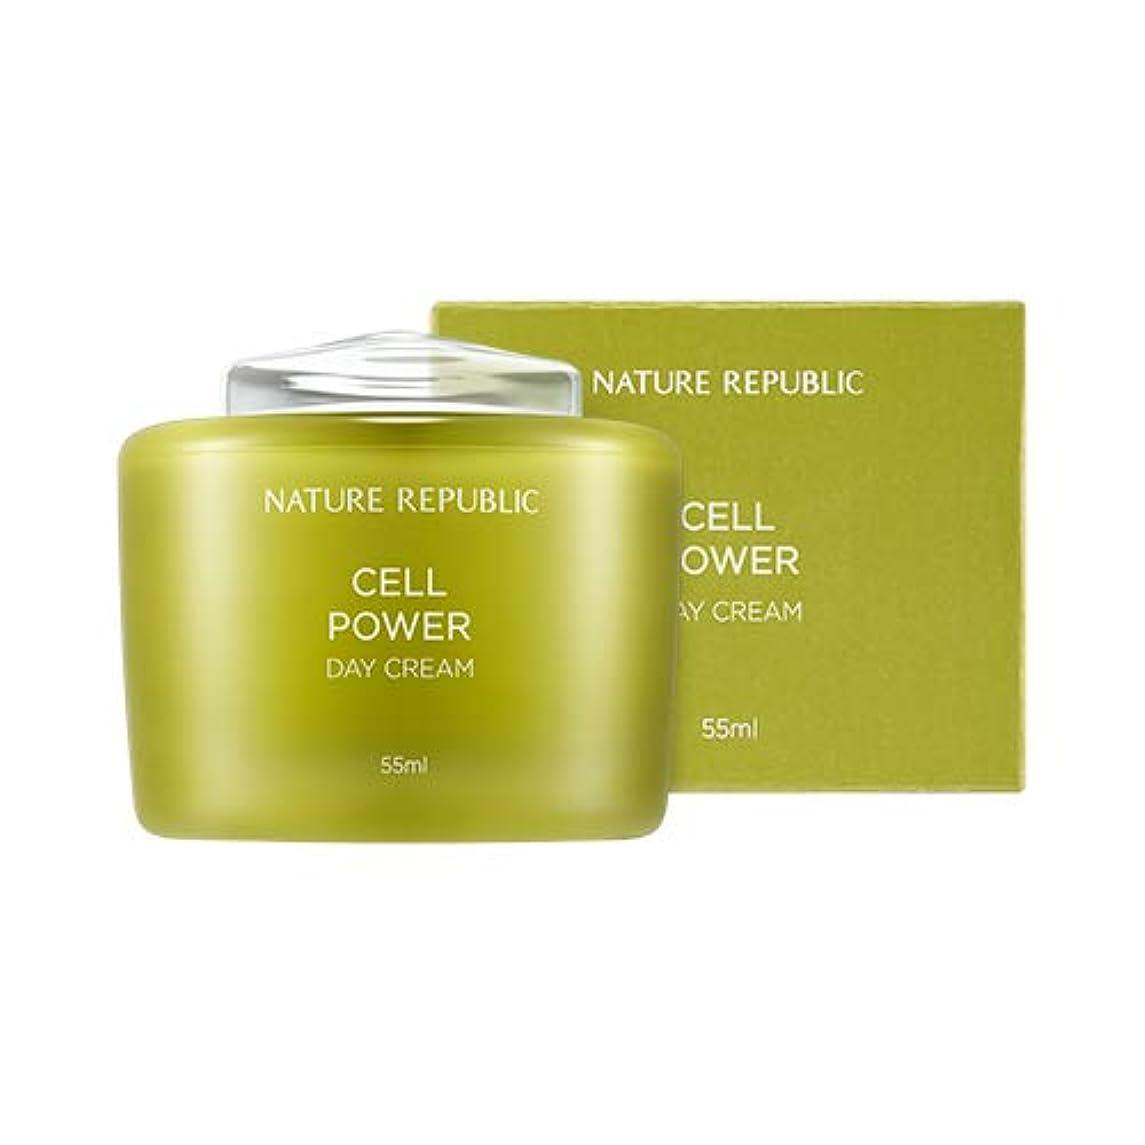 教授豪華なテラスNATURE REPUBLIC Cell Power Day Cream/ネイチャーリパブリック セルパワー デイクリーム 55ml [並行輸入品]